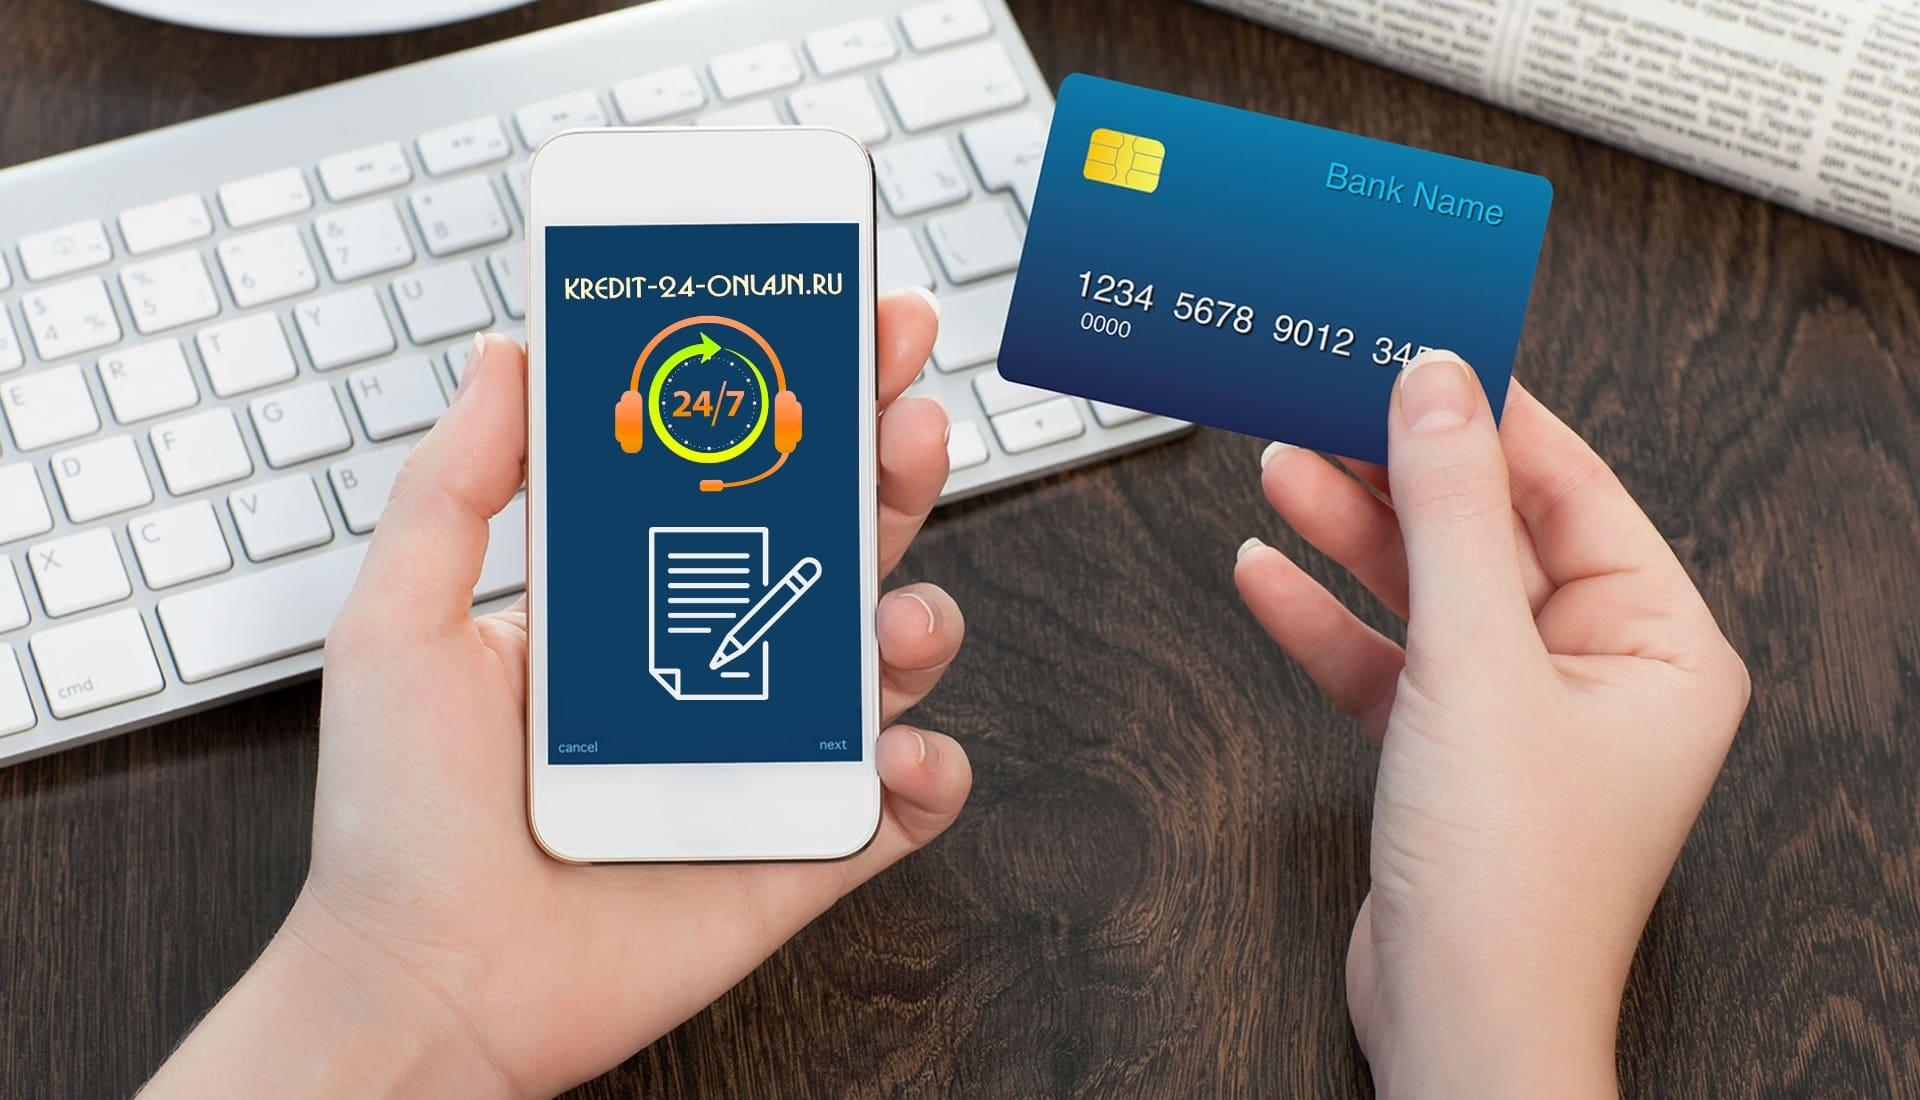 Оформить заявку на кредит на kredit-24-onlajn.ru